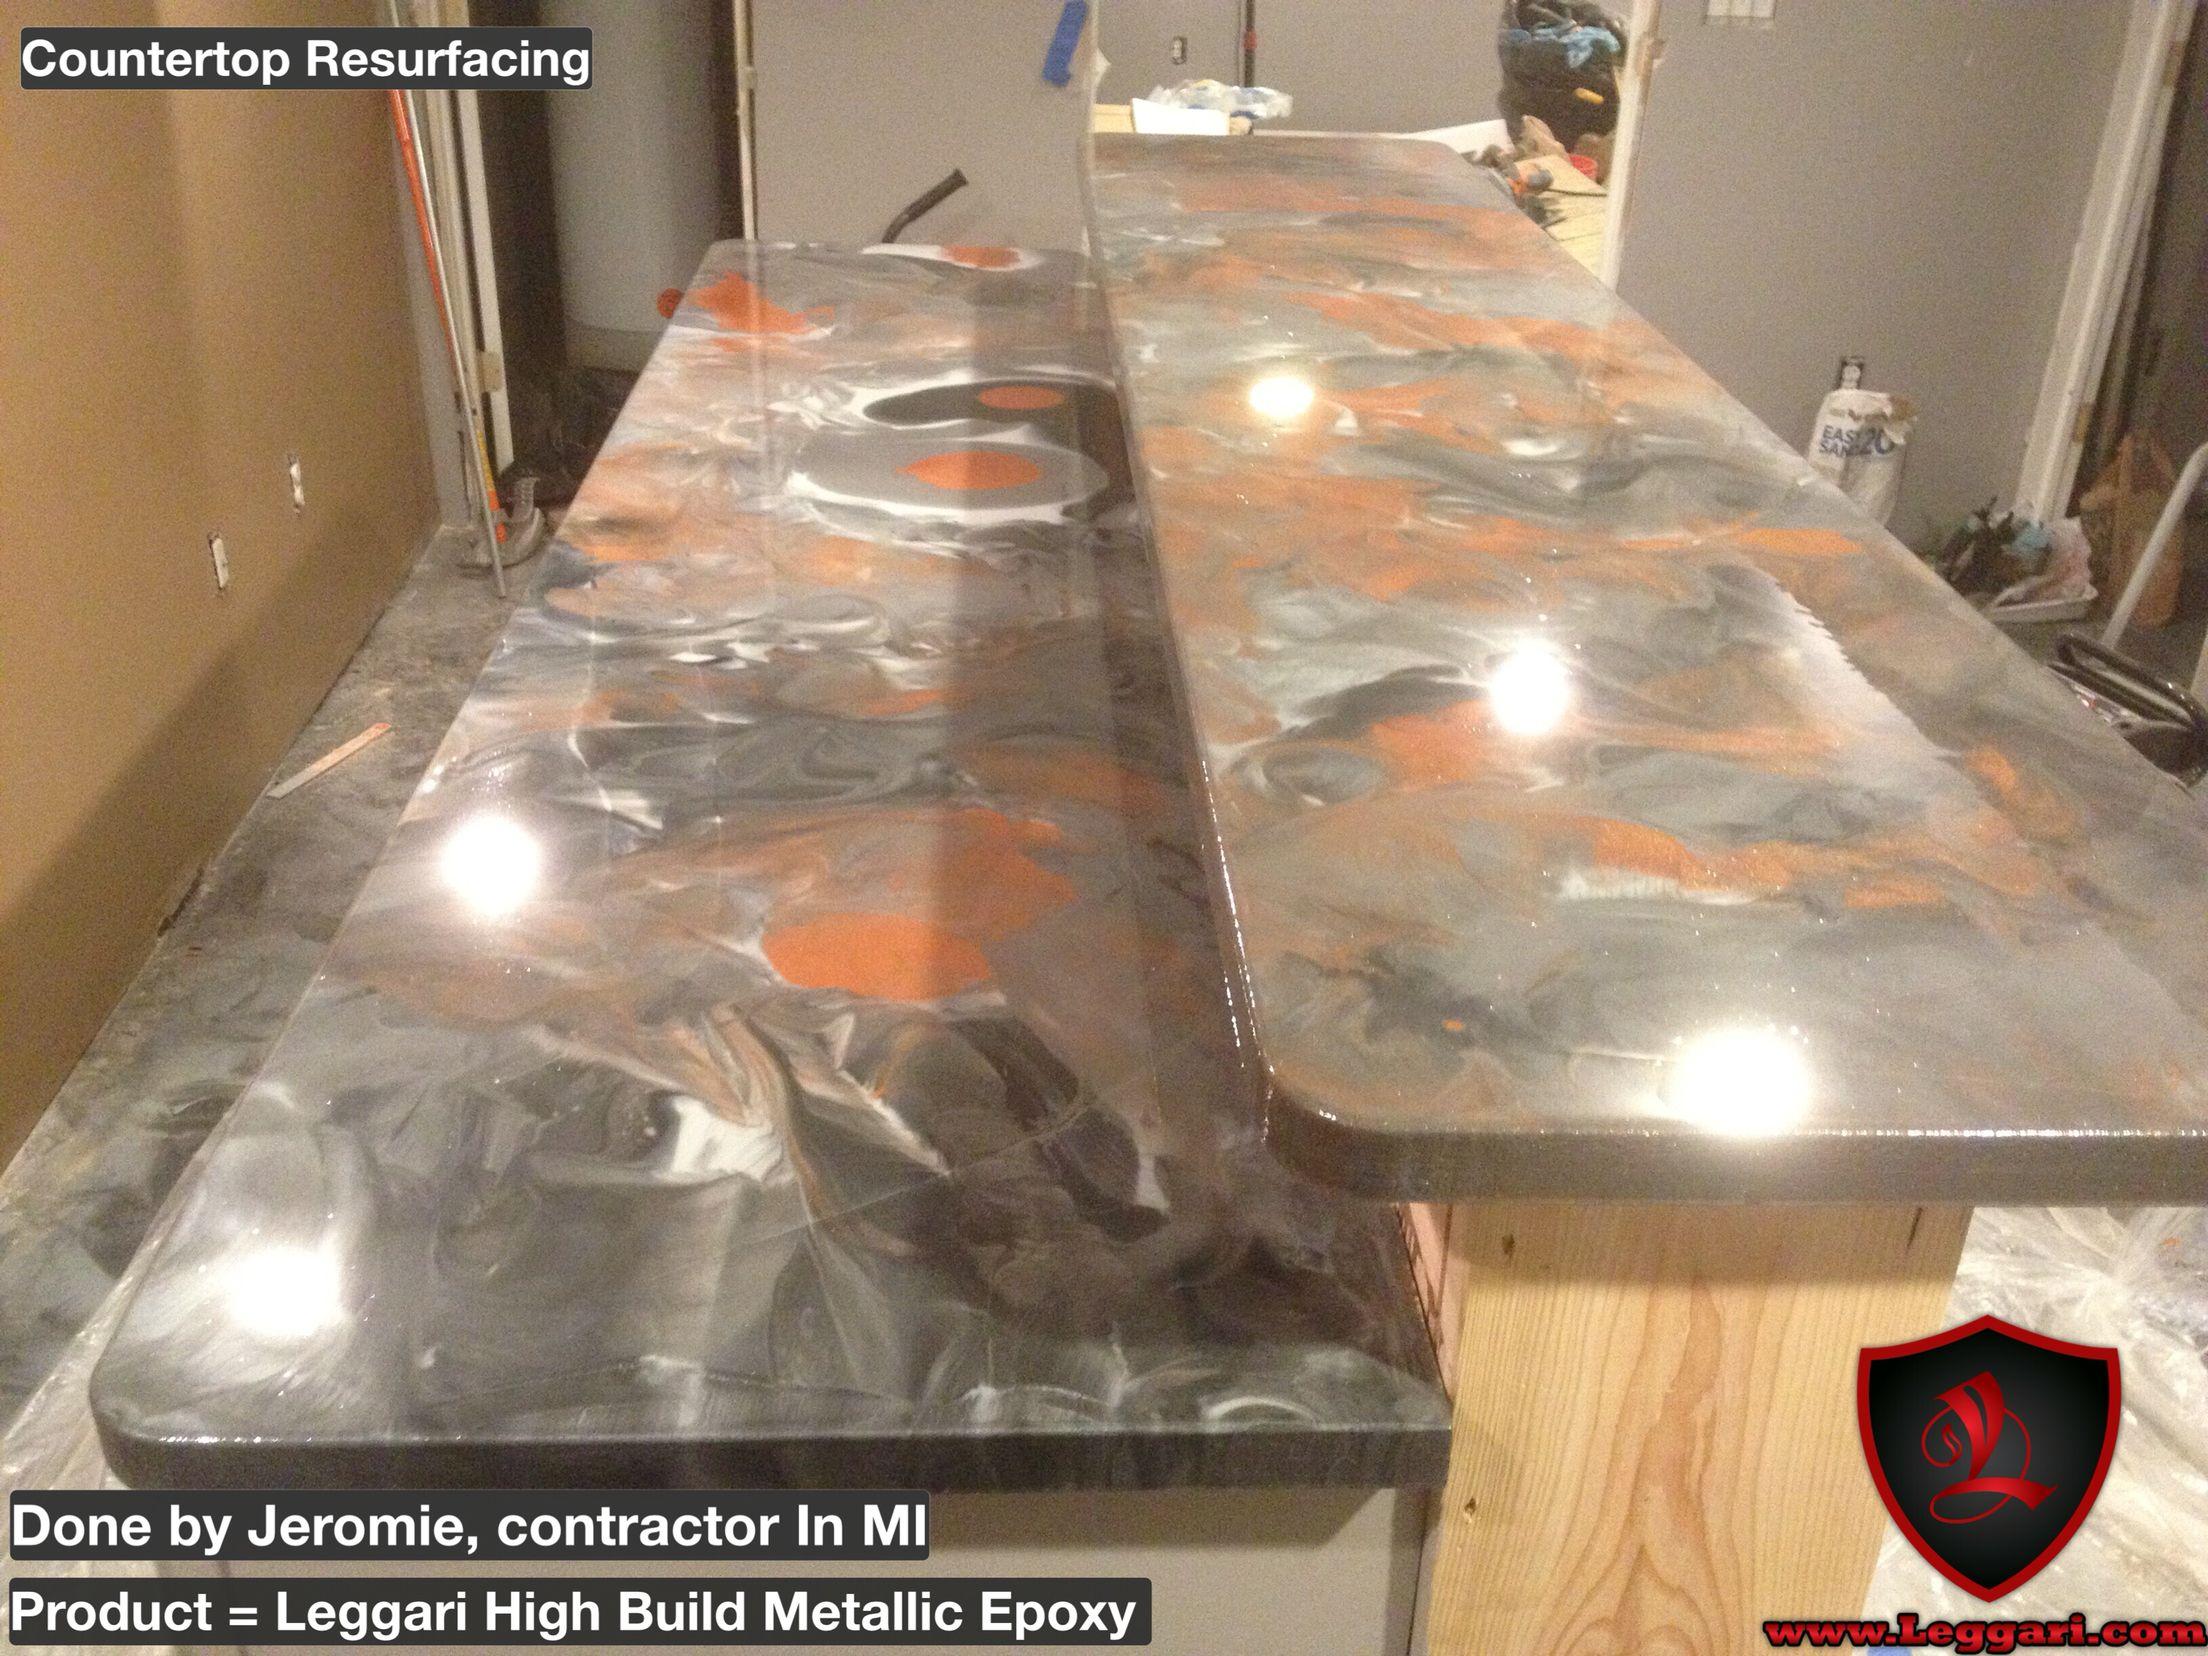 Leggari DIY Metallic Epoxy Countertop Resurfacing Kits Another Project  Completed With Leggari Products. Metallic Epoxy